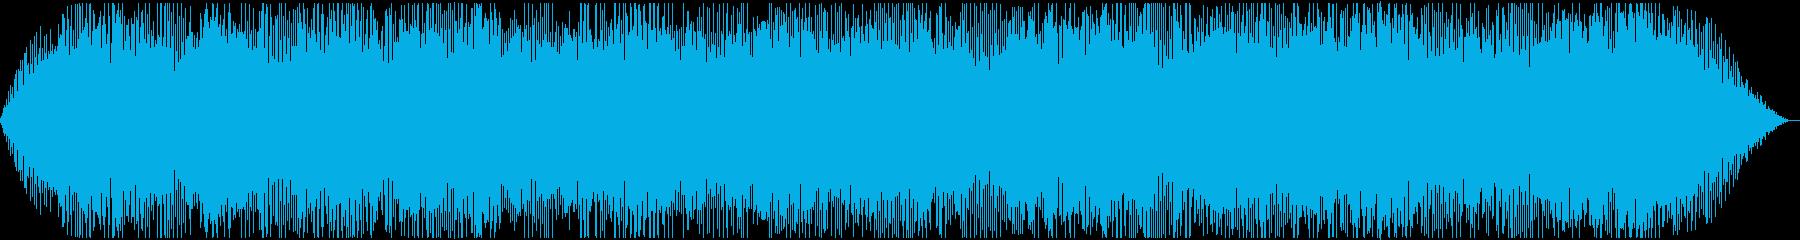 コンピュータの空間に合う世界観の再生済みの波形